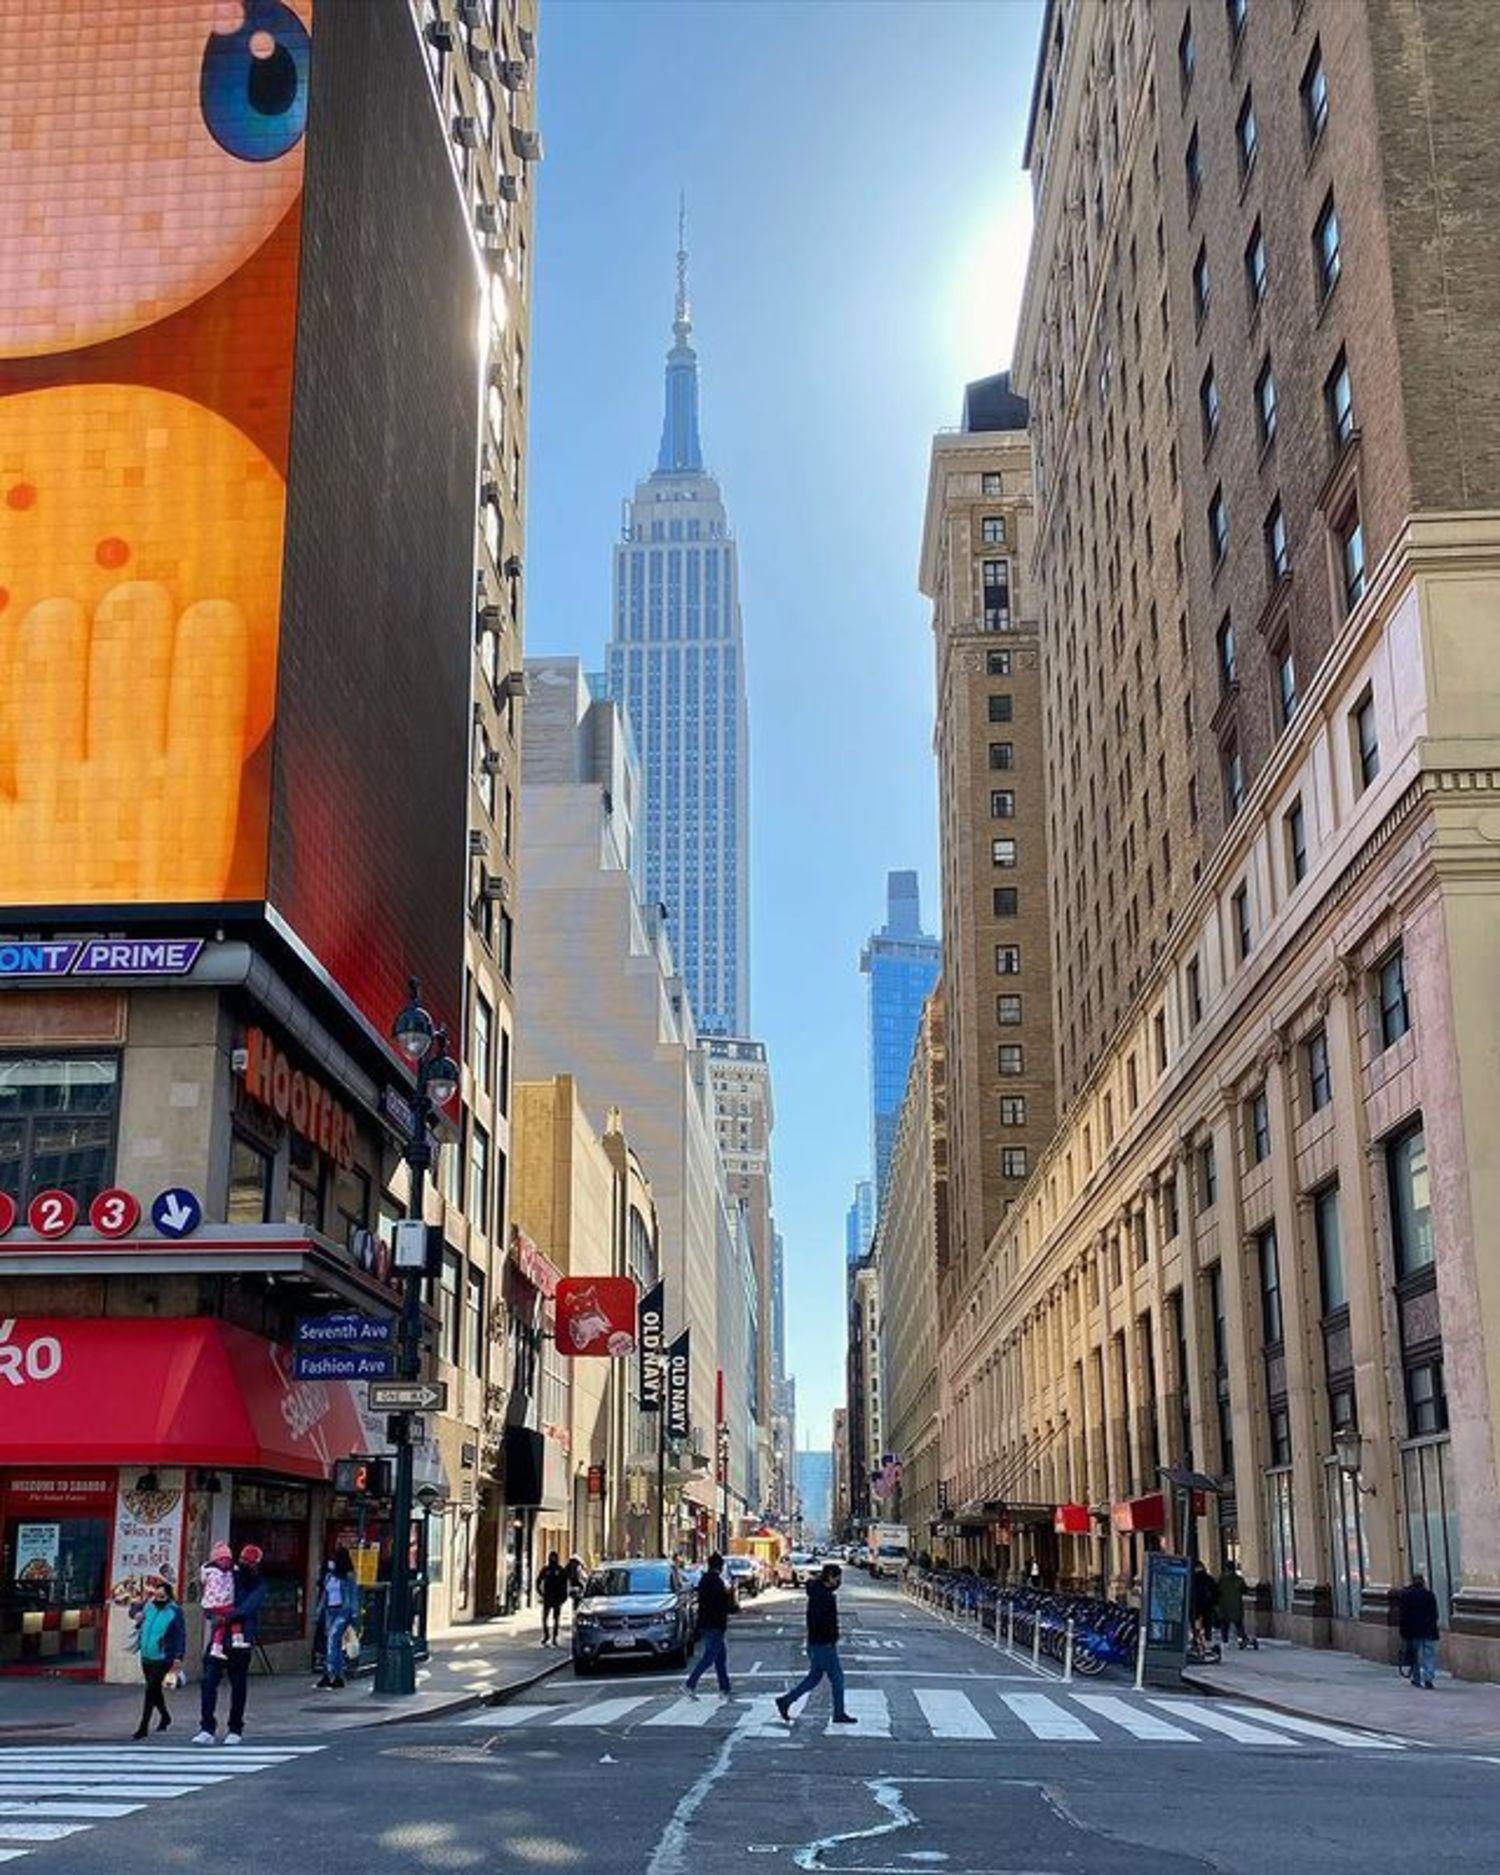 33rd Street, Midtown, Manhattan